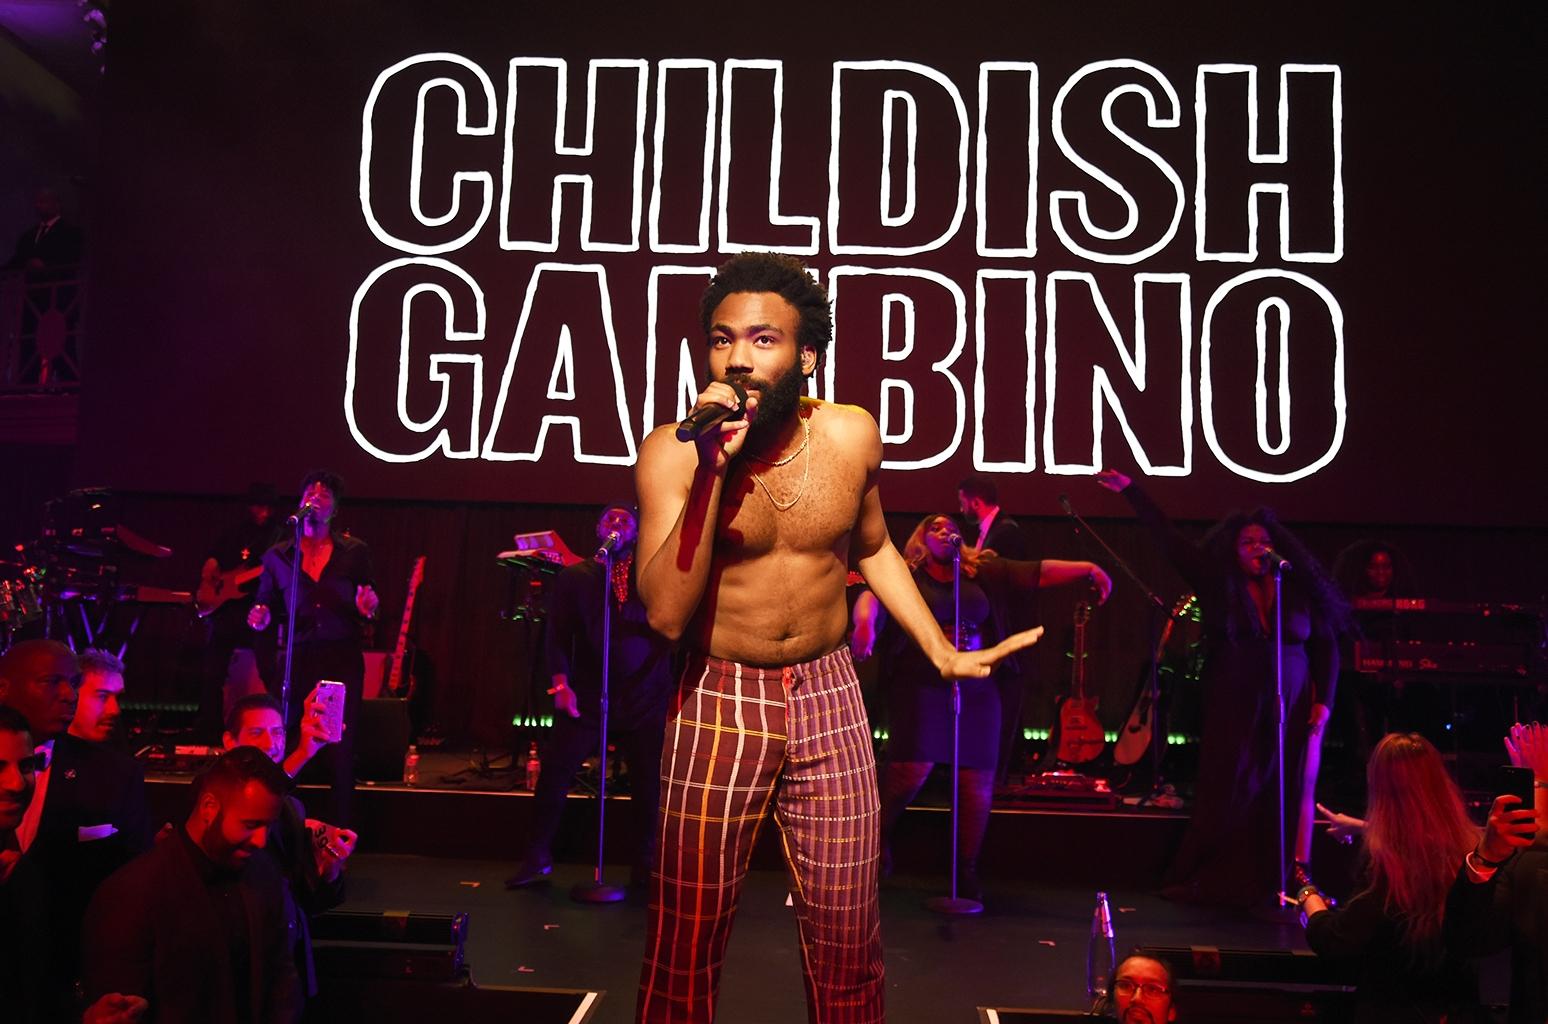 Childish Gambino's 'This Is America' Tour Postponed Due to Injury